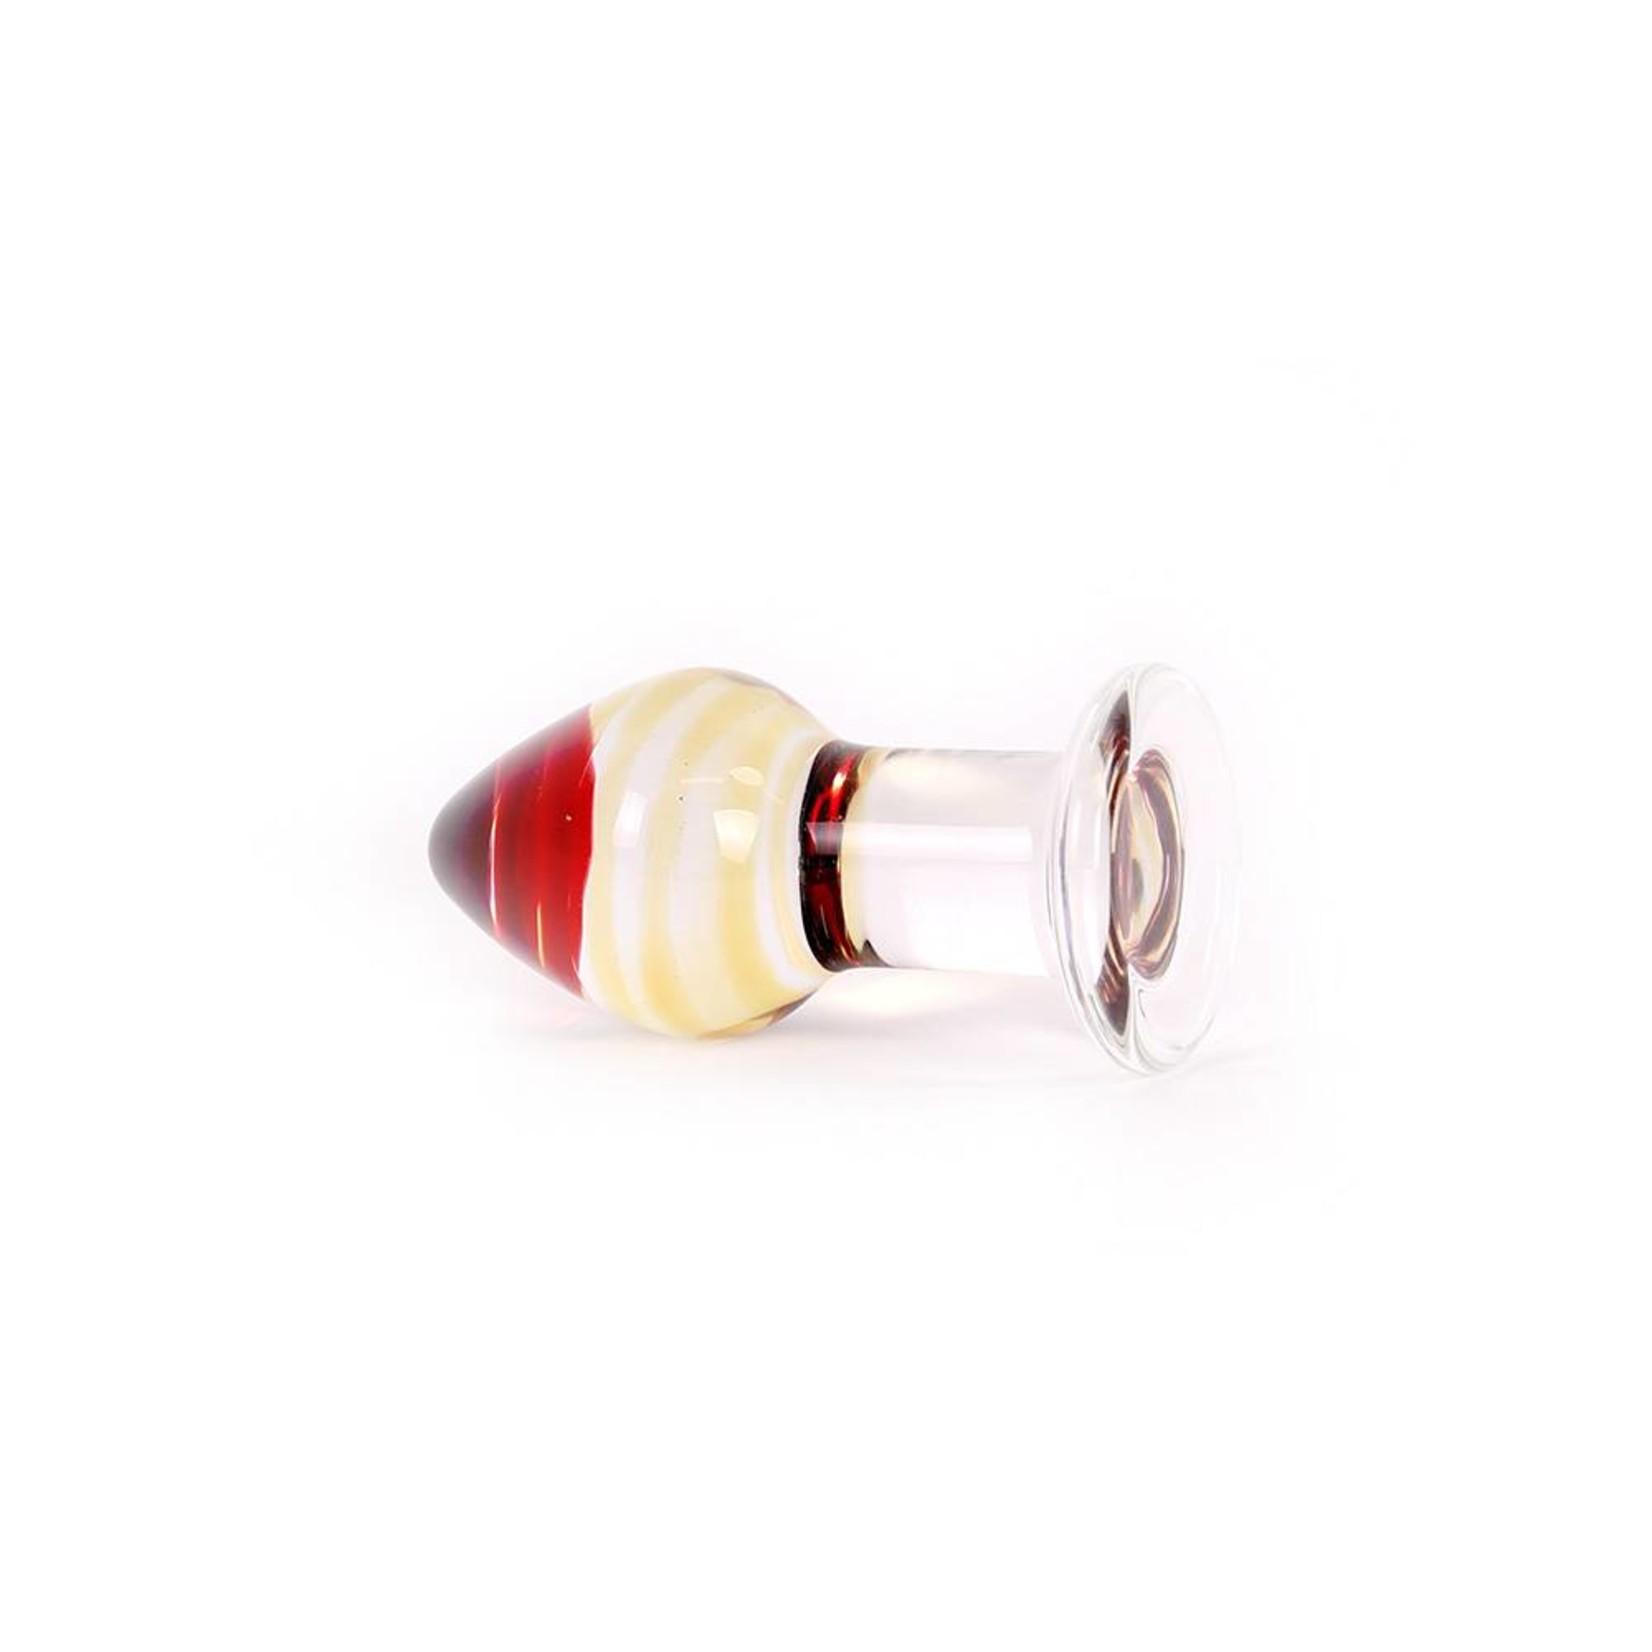 Kiotos Glass Glass Dildo Color Butt Plug